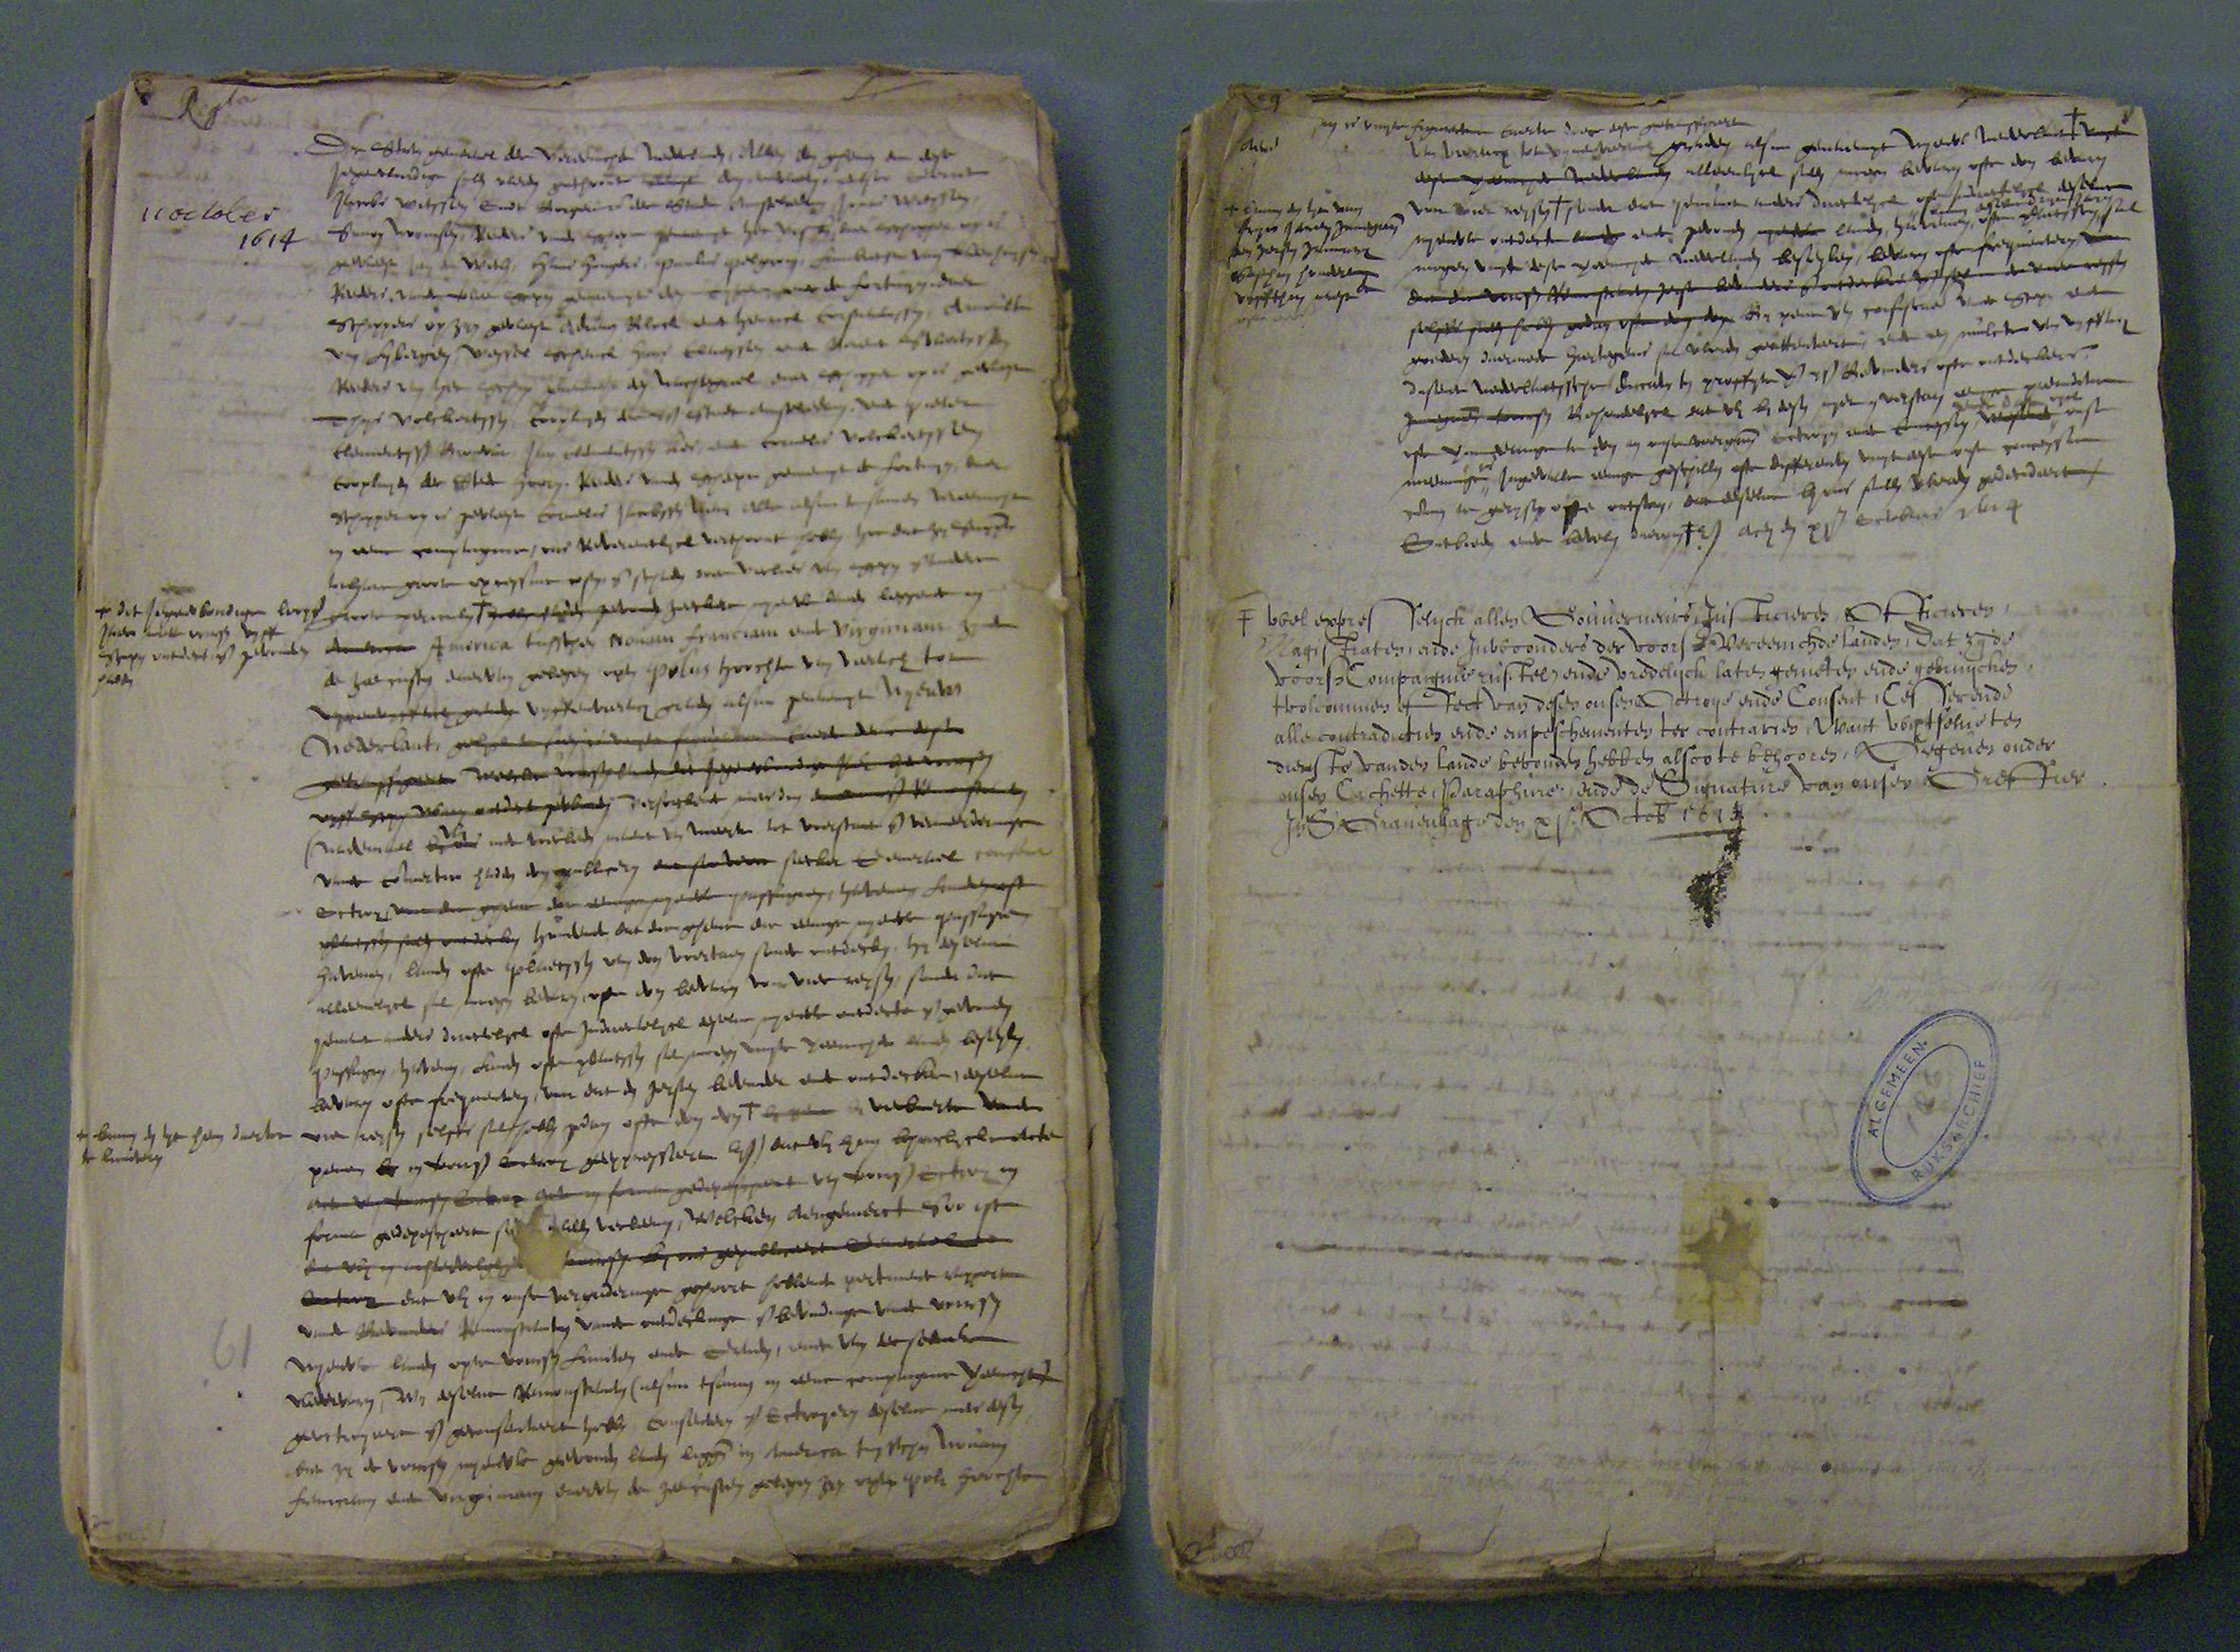 NNC Licentie 11 okt 1614